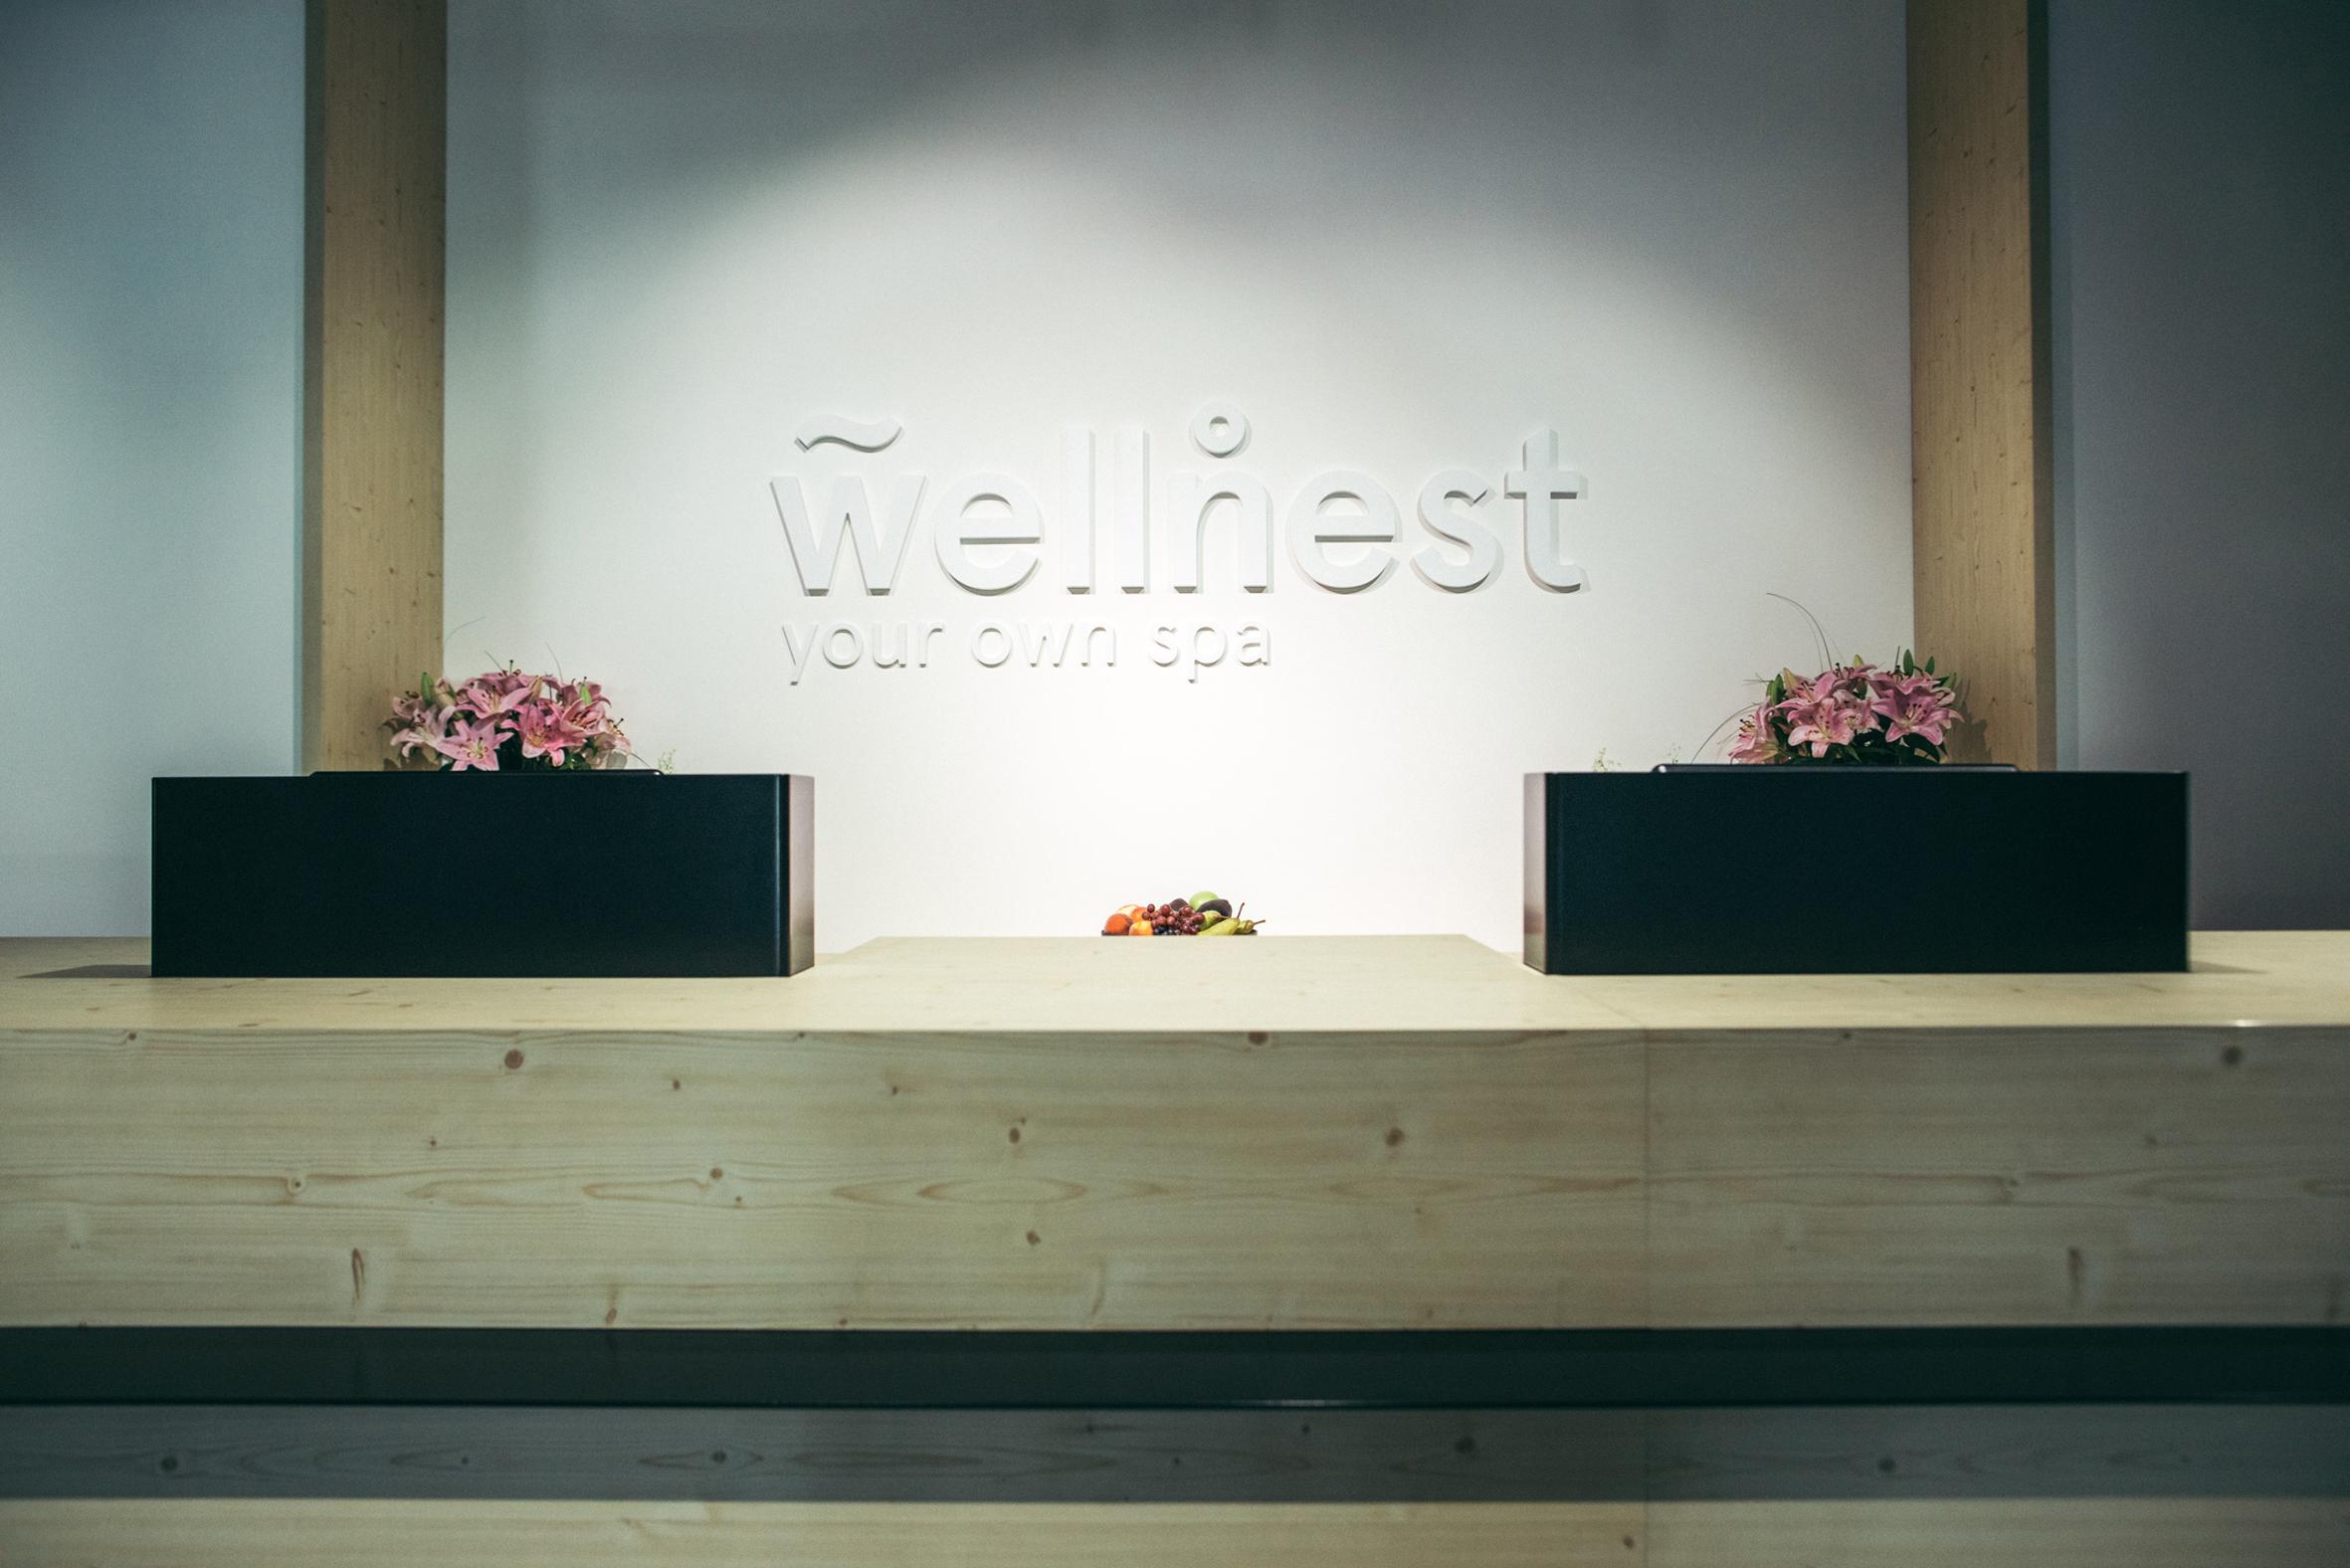 Wellnest